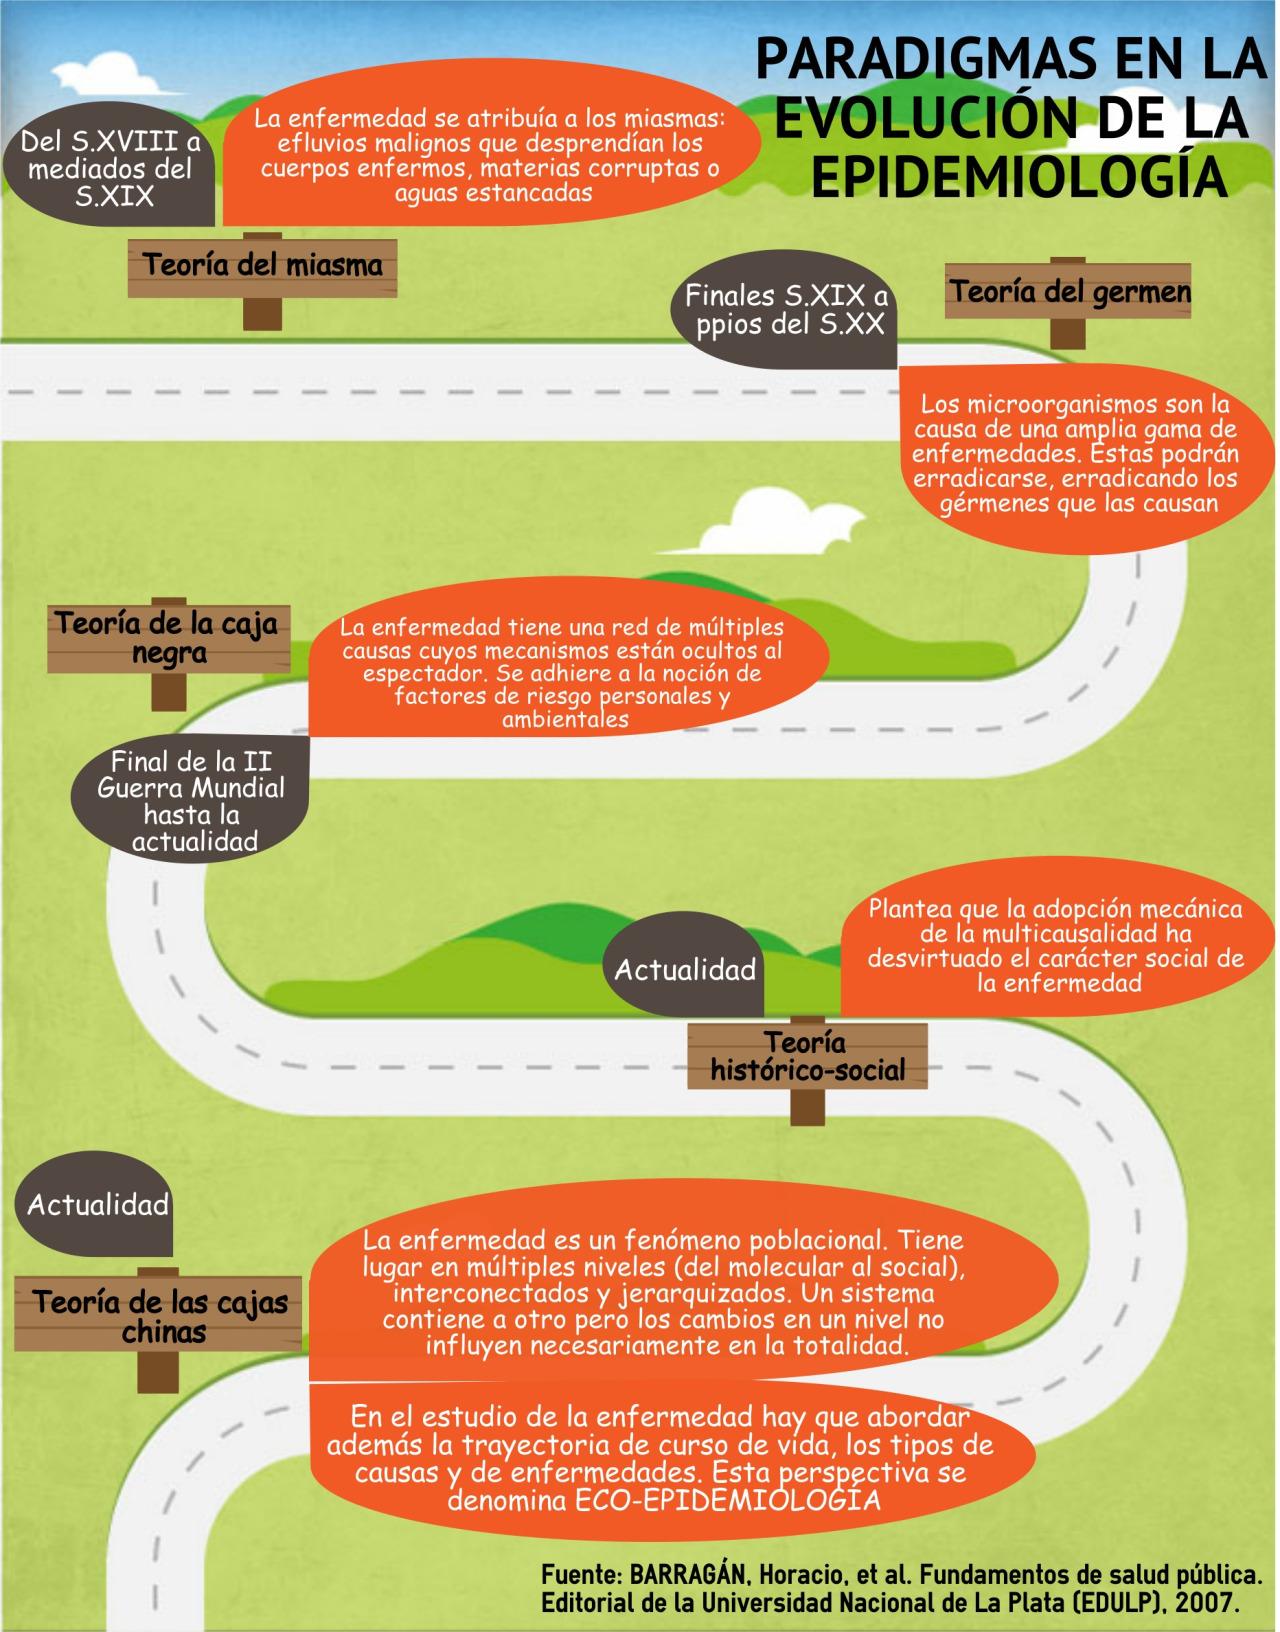 paradigmas en la evolucion de la epidemiologia